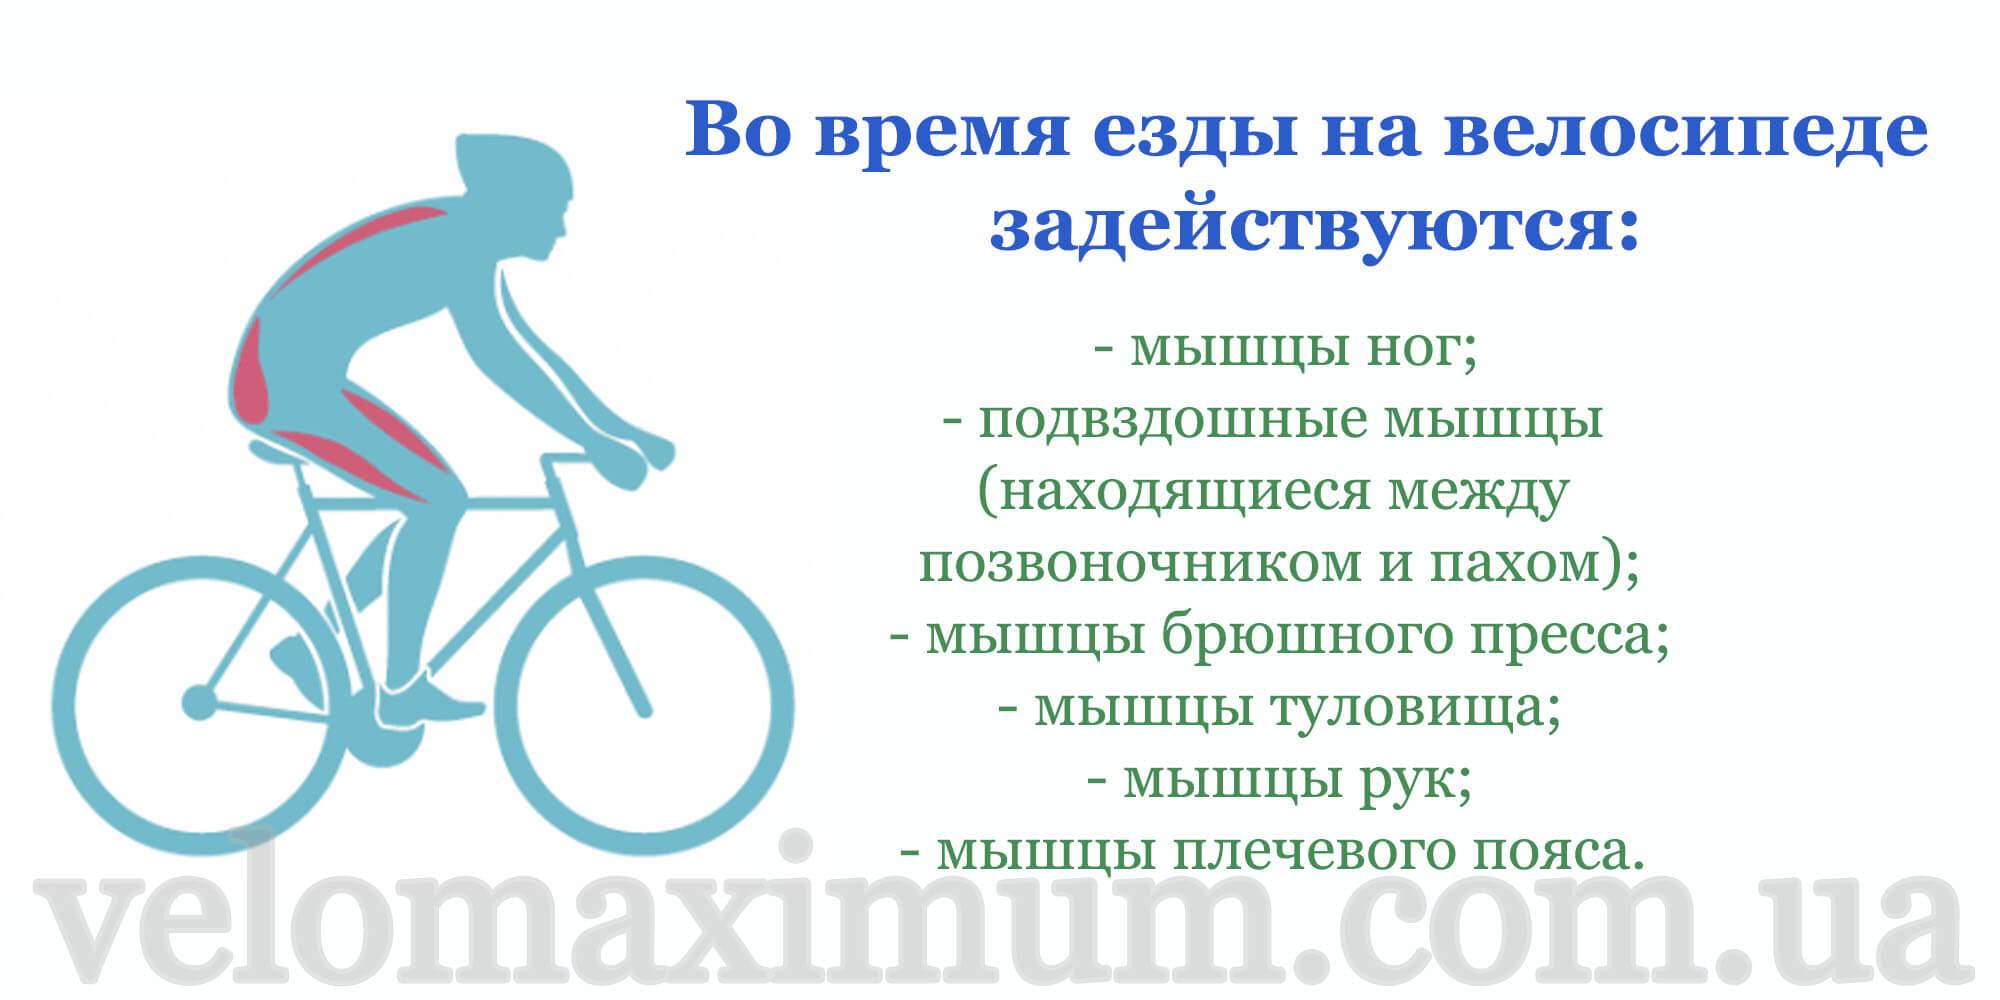 Польза велосипеда для мужчин— почему велосипед полезен именно для мужчин